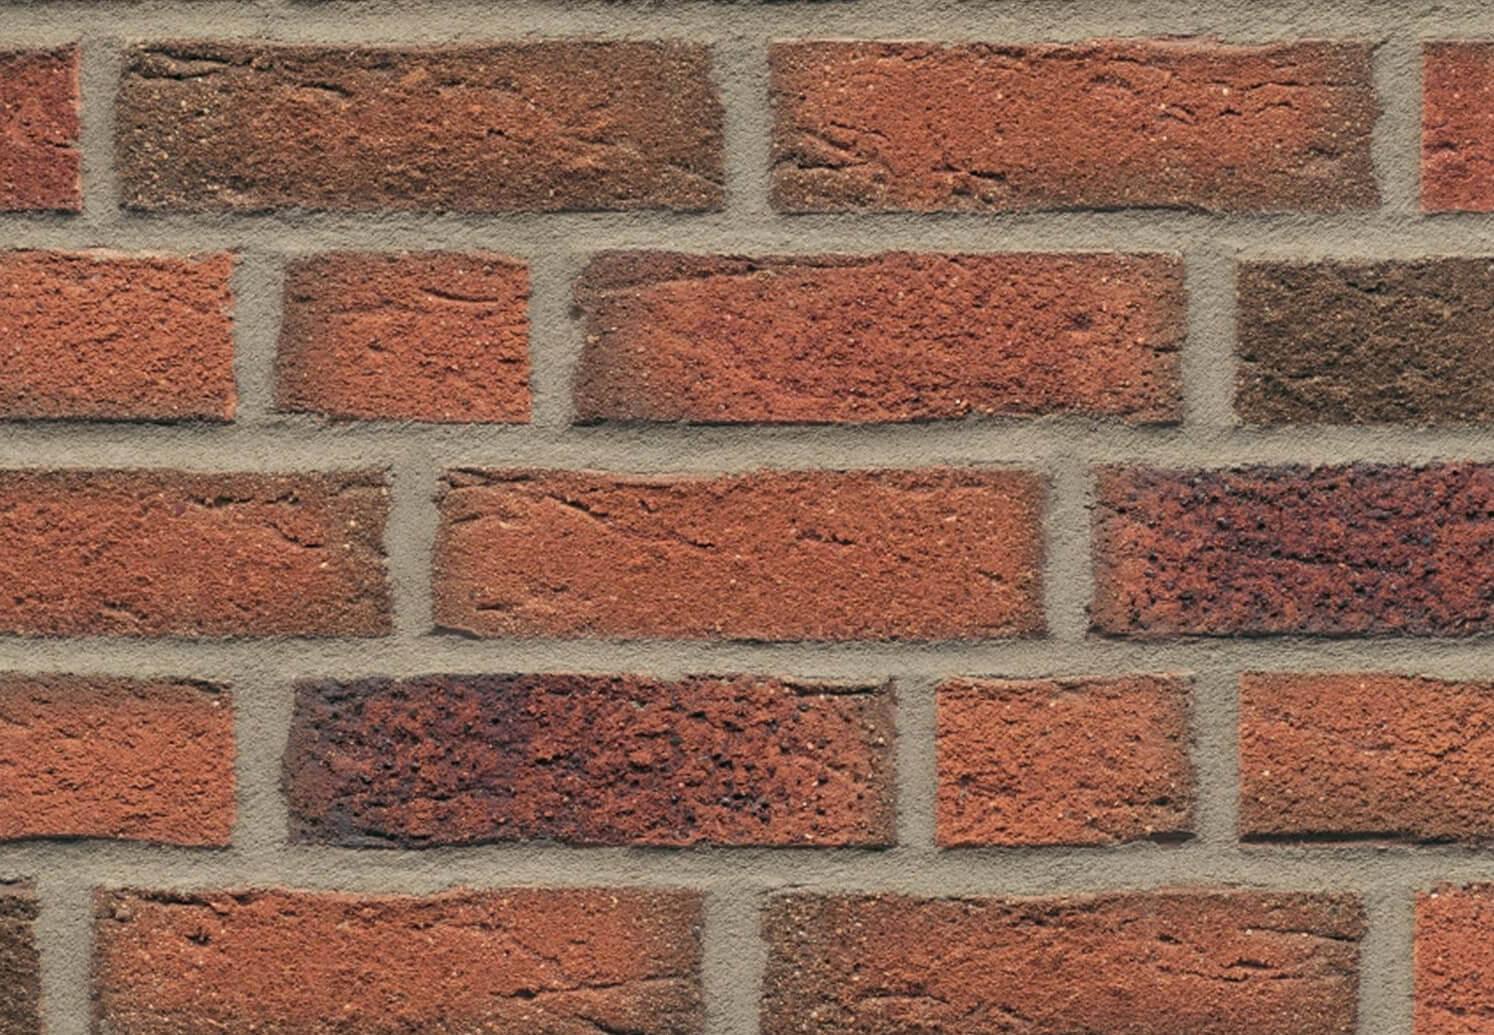 Feldhaus Klinker - R687NF14, Sintra Terracotta Linguro, 240x14x71 - Клинкерная плитка для фасада и внутренней отделки